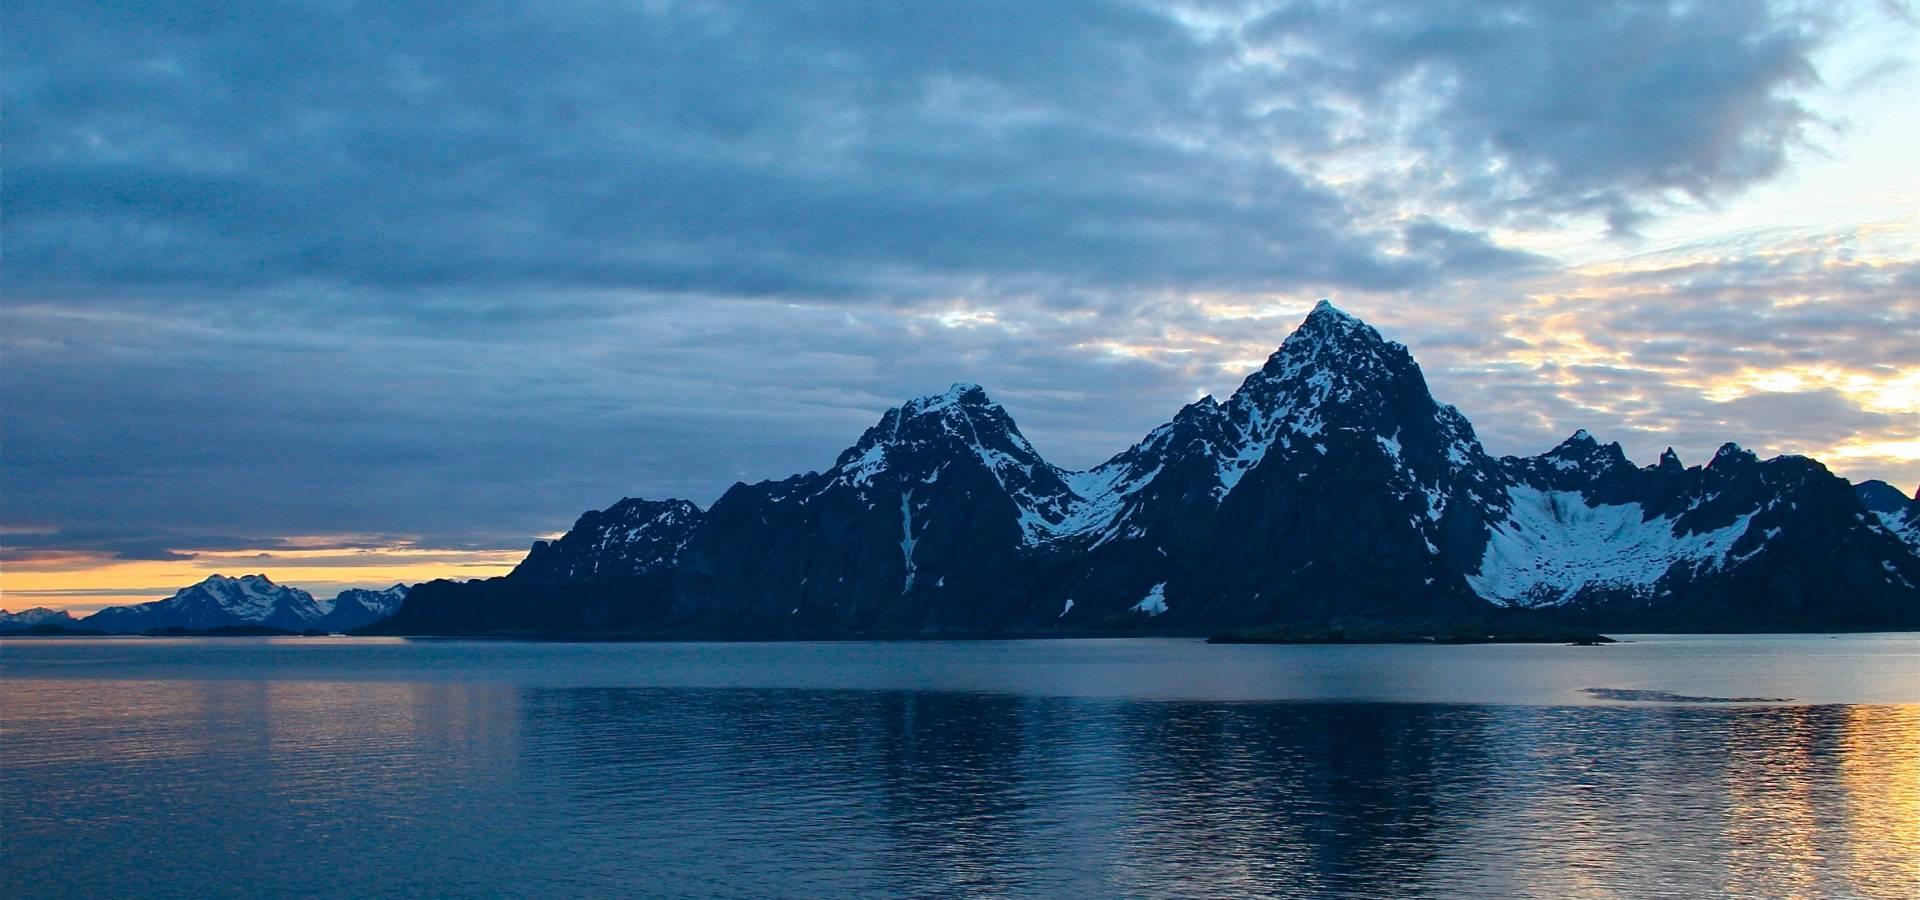 Atardecer lago y montañas